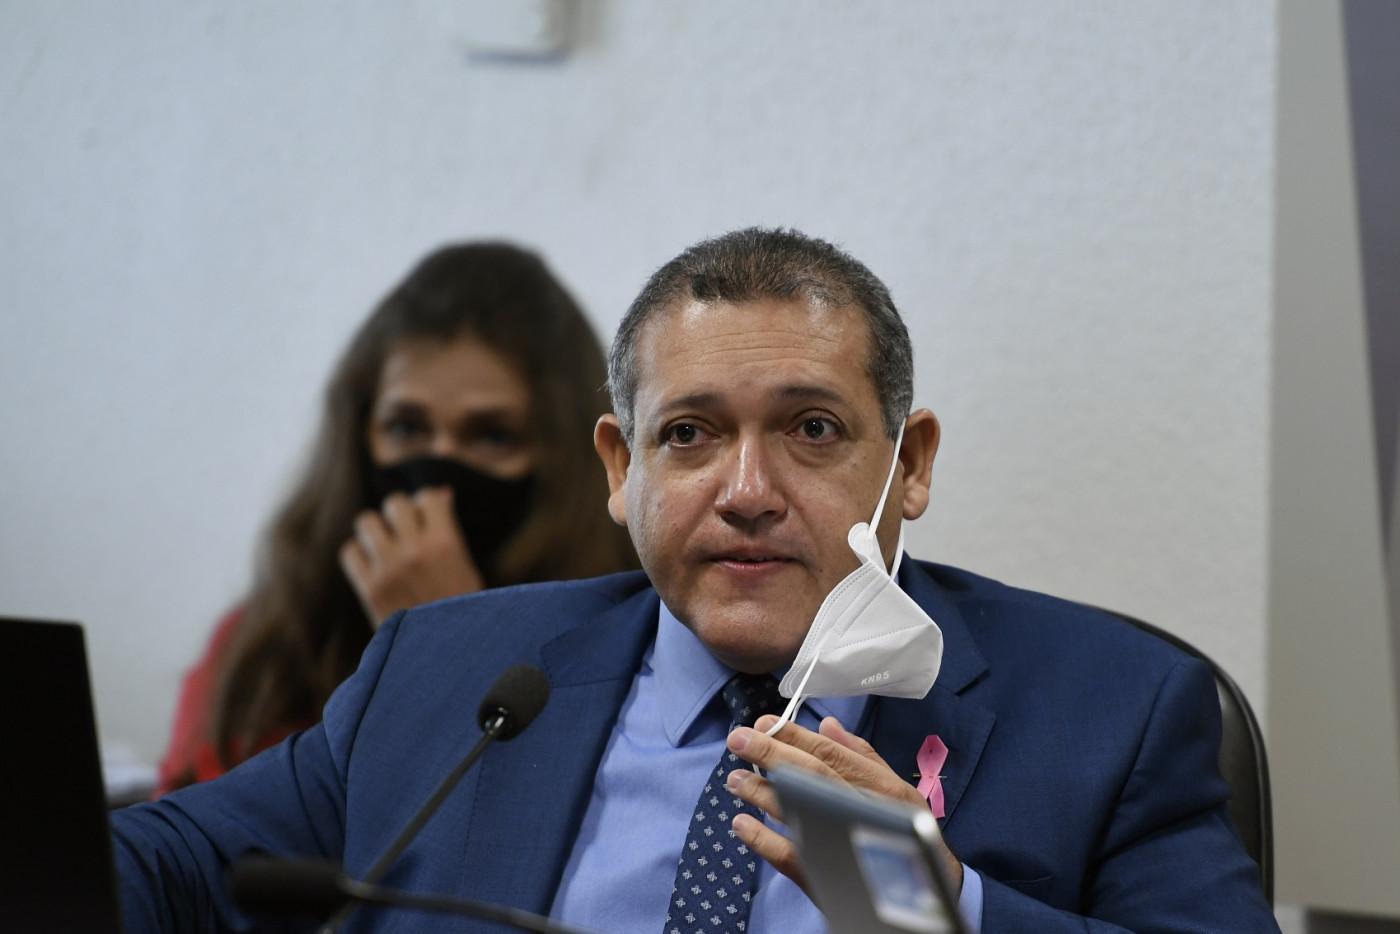 Ministro indicado ao Supremo Tribunal Federal pelo presidente Jair Bolsonaro